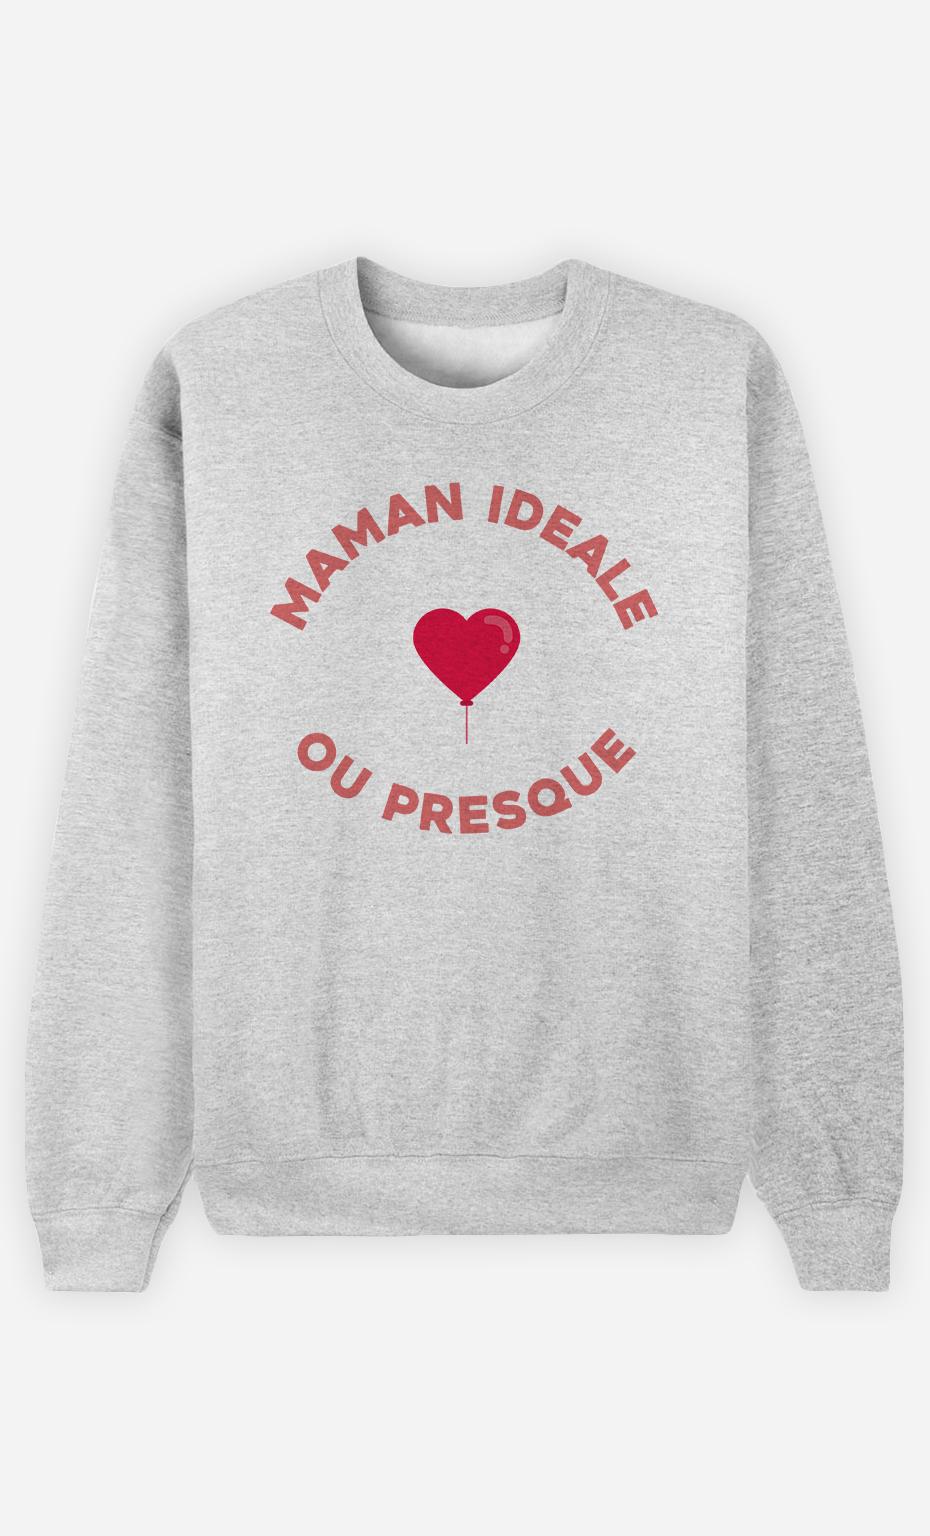 Sweatshirt Femme Maman Idéale ou presque